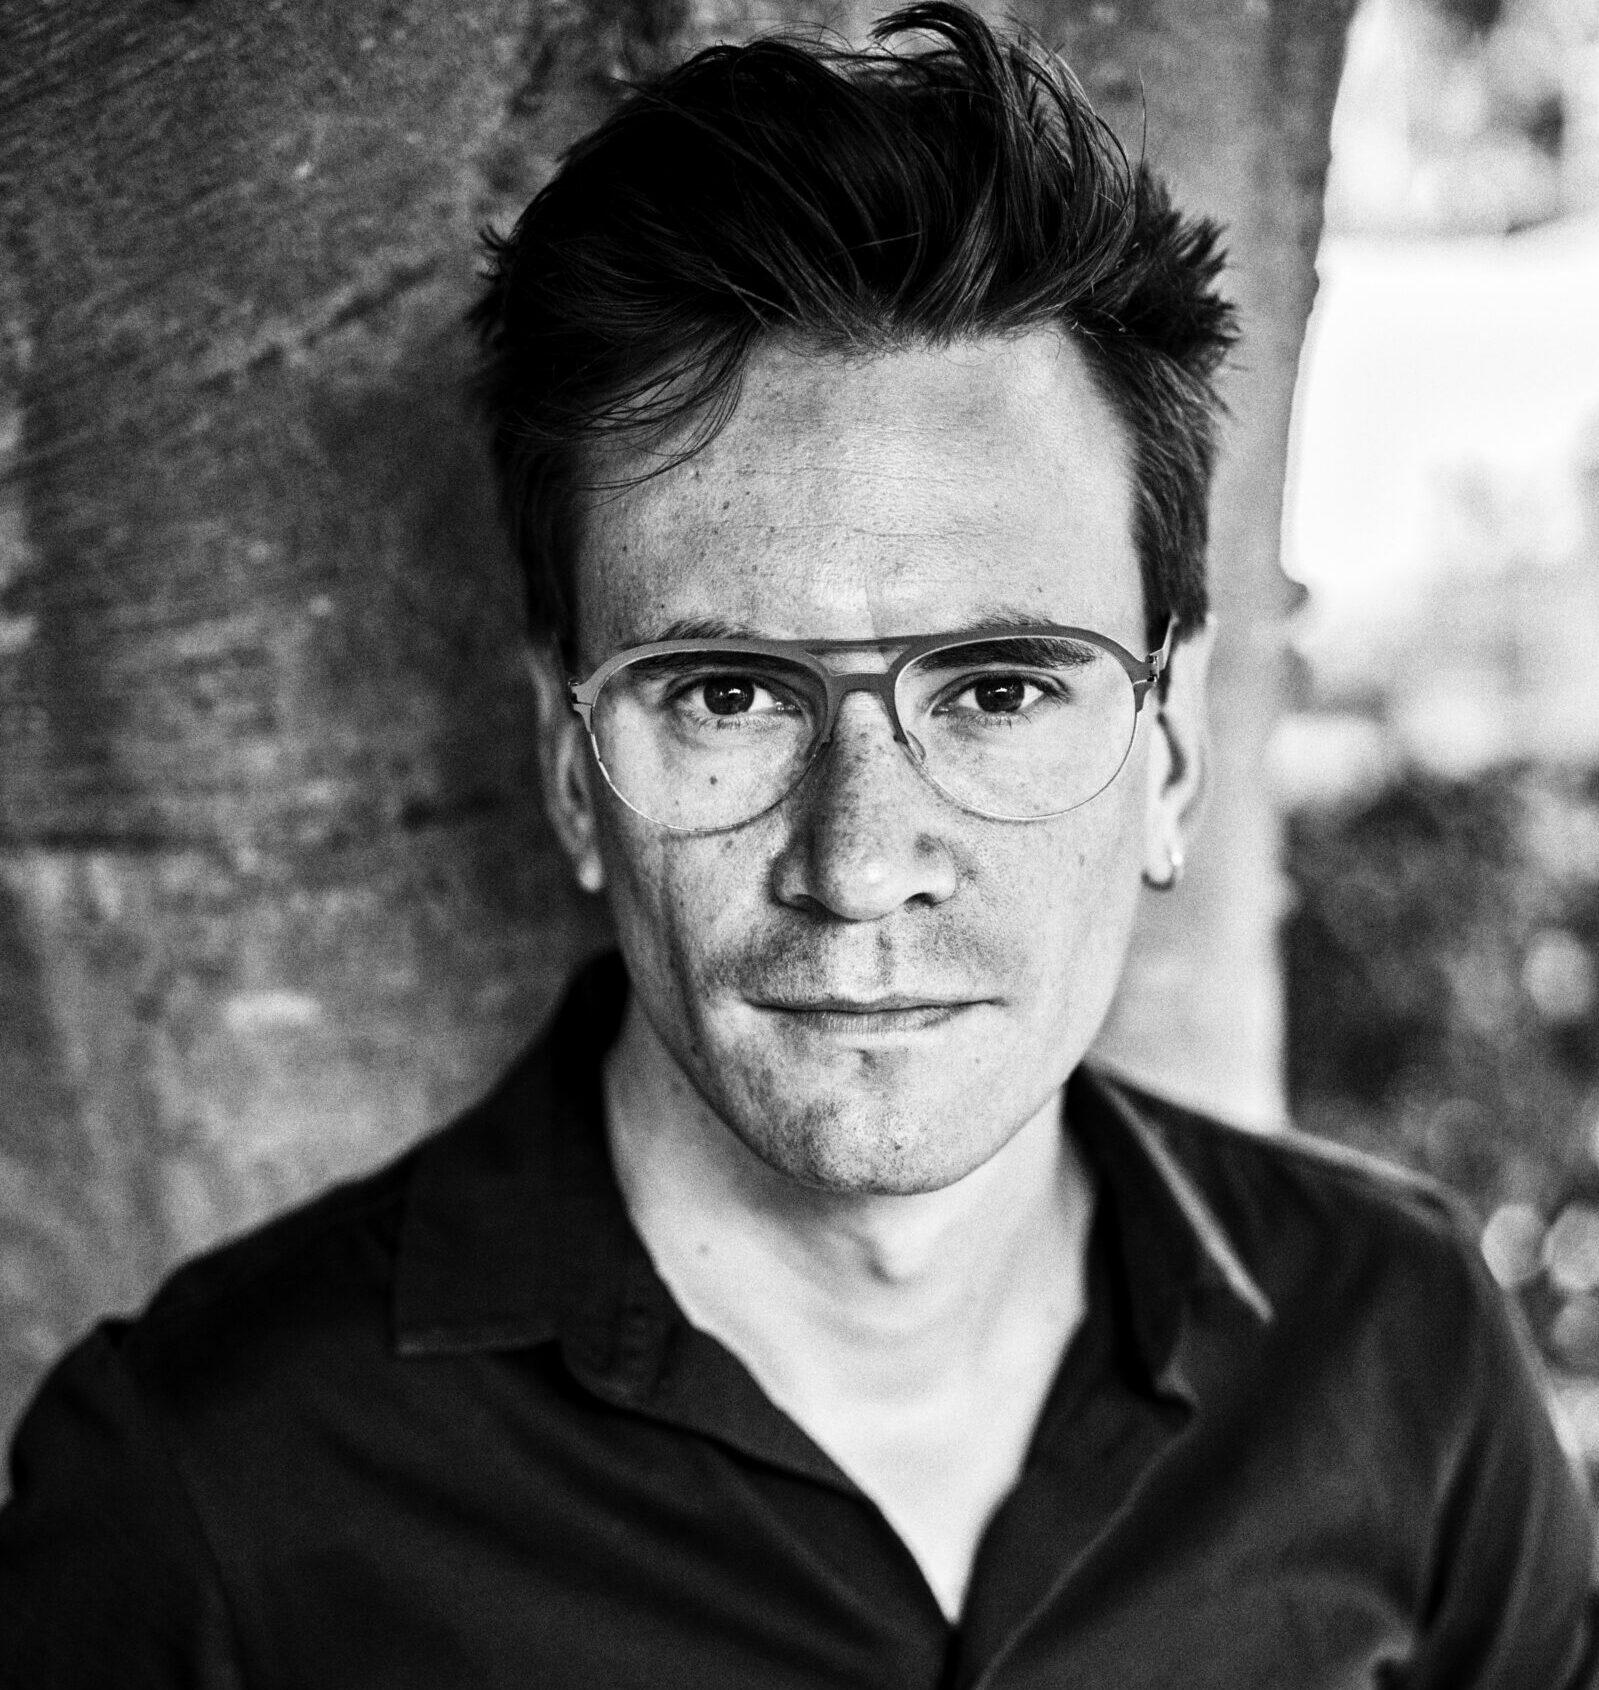 De val & De ontdekking van urk - Matthias M.R. Declercq (interview door Marnix Verplancke)